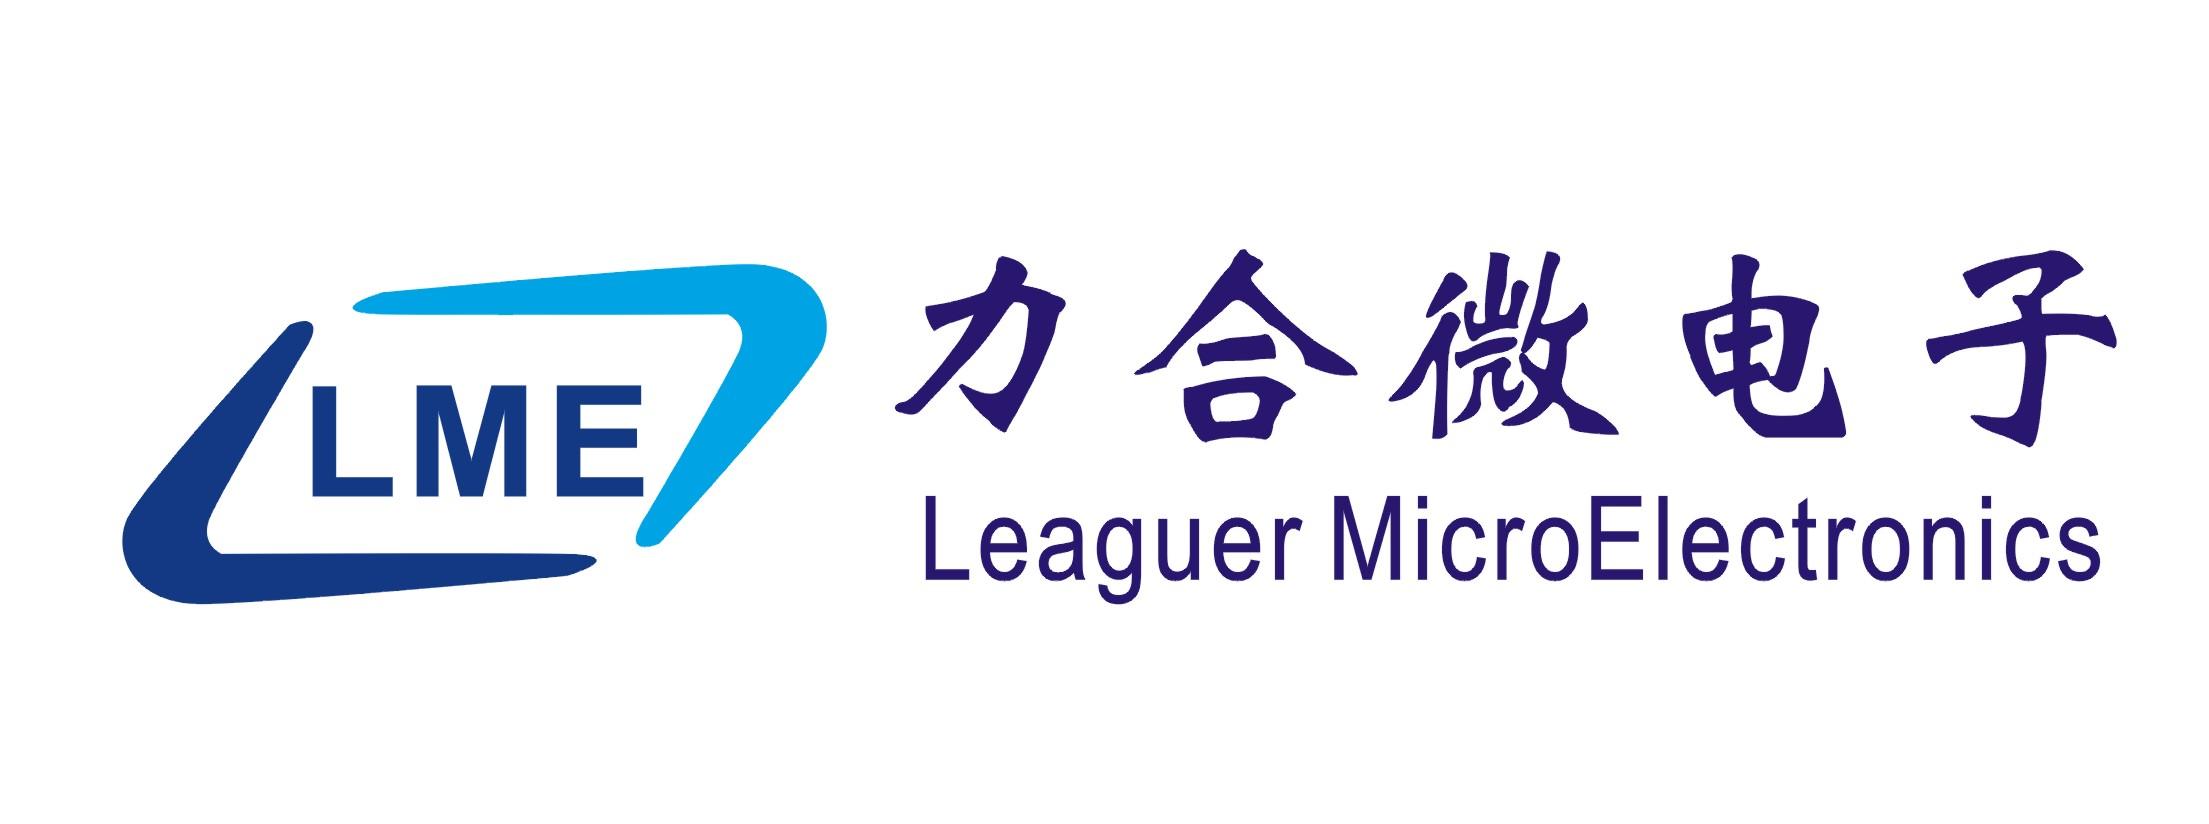 logo logo 标志 设计 矢量 矢量图 素材 图标 2209_824